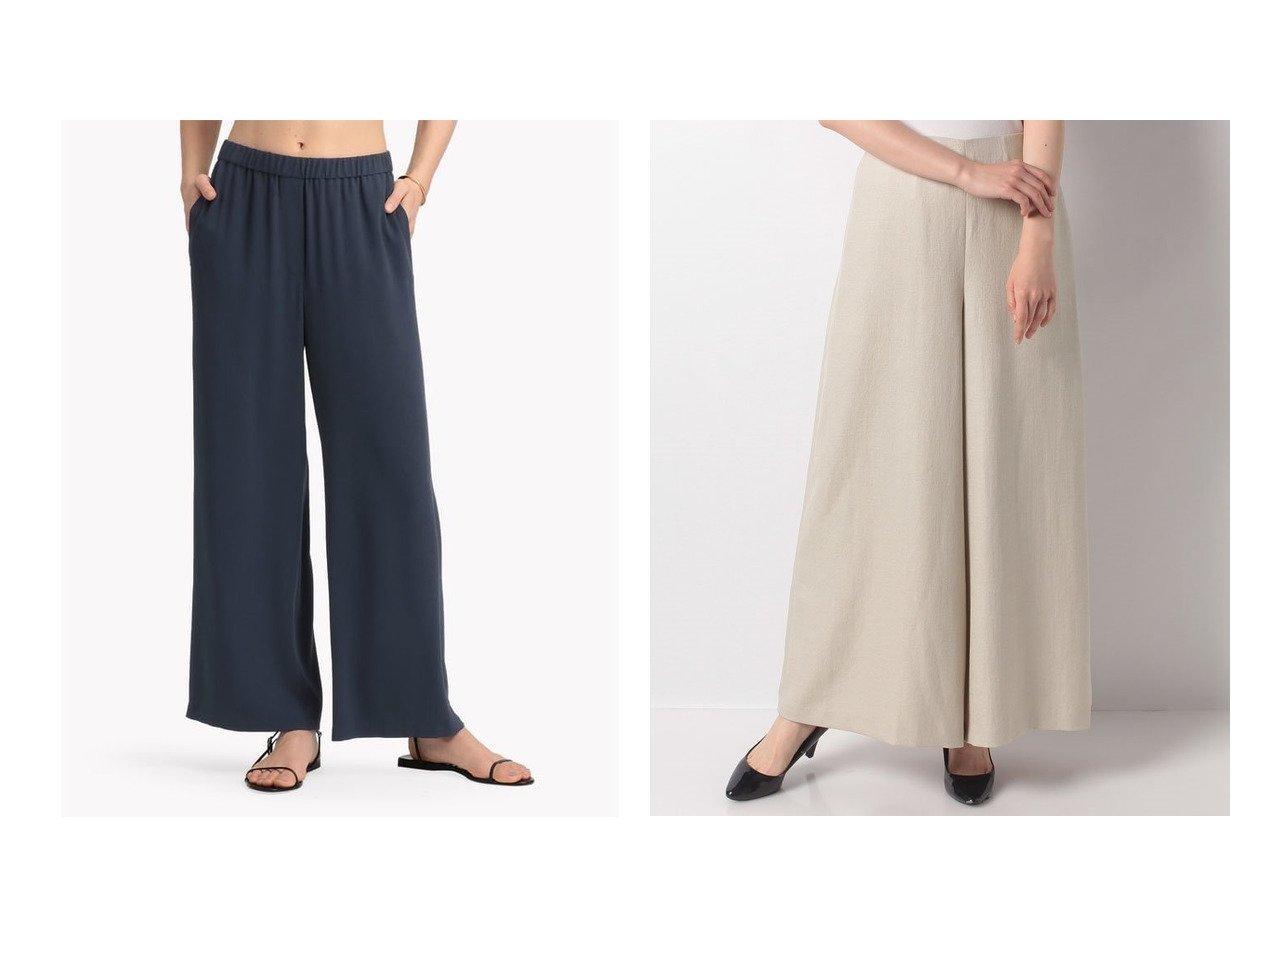 【ANAYI/アナイ】のボリュームワイドパンツ&【Theory Luxe/セオリーリュクス】のパンツ FLOW KENNA 【パンツ】おすすめ!人気、トレンド・レディースファッションの通販   おすすめで人気の流行・トレンド、ファッションの通販商品 インテリア・家具・メンズファッション・キッズファッション・レディースファッション・服の通販 founy(ファニー) https://founy.com/ ファッション Fashion レディースファッション WOMEN パンツ Pants クロップド サマー ジャケット スマート フレア モダン リネン ロング ワイド S/S・春夏 SS・Spring/Summer 夏 Summer |ID:crp329100000050252